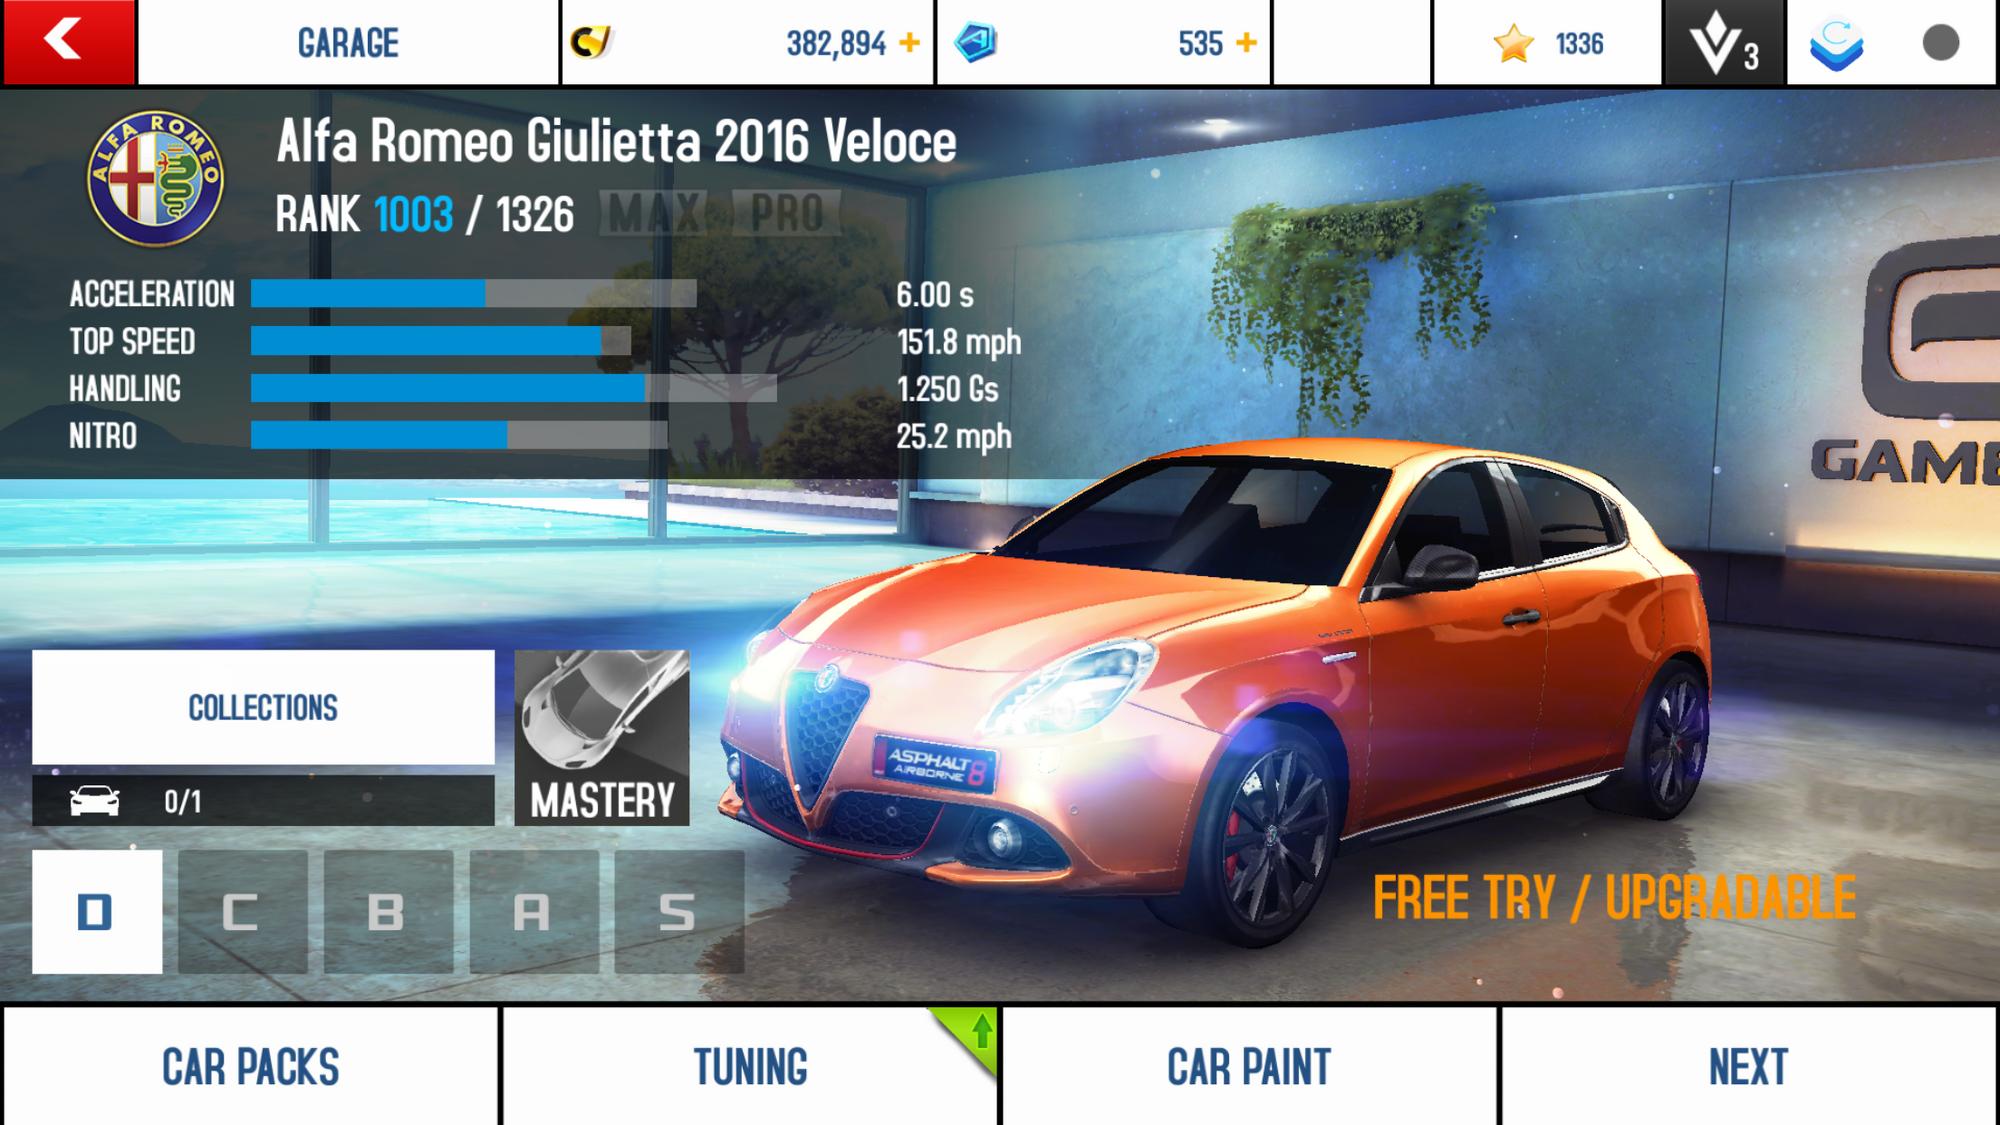 Alfa romeo 1750 gt veloce wiki 14